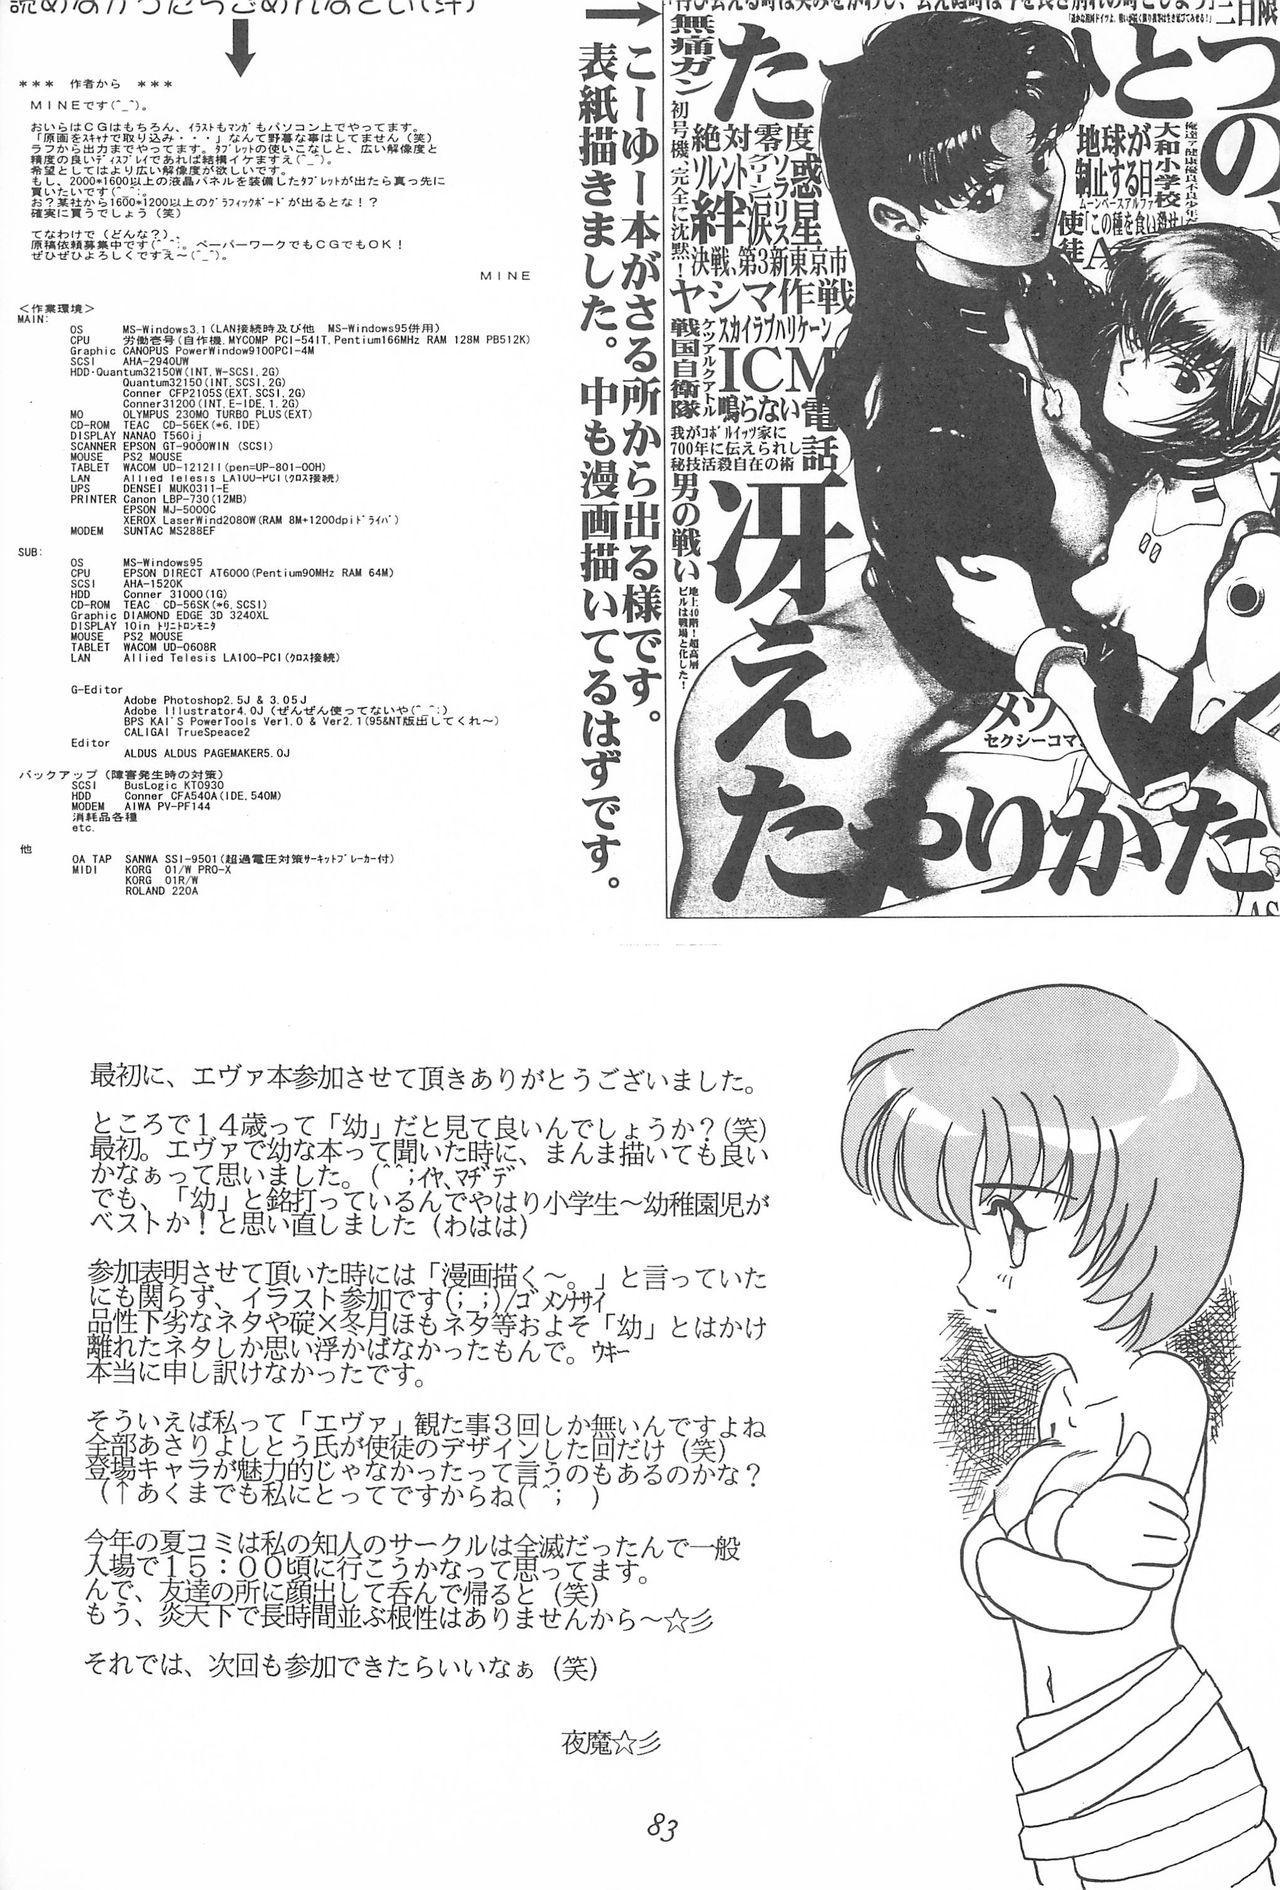 Youseiki Evanlolibon 82